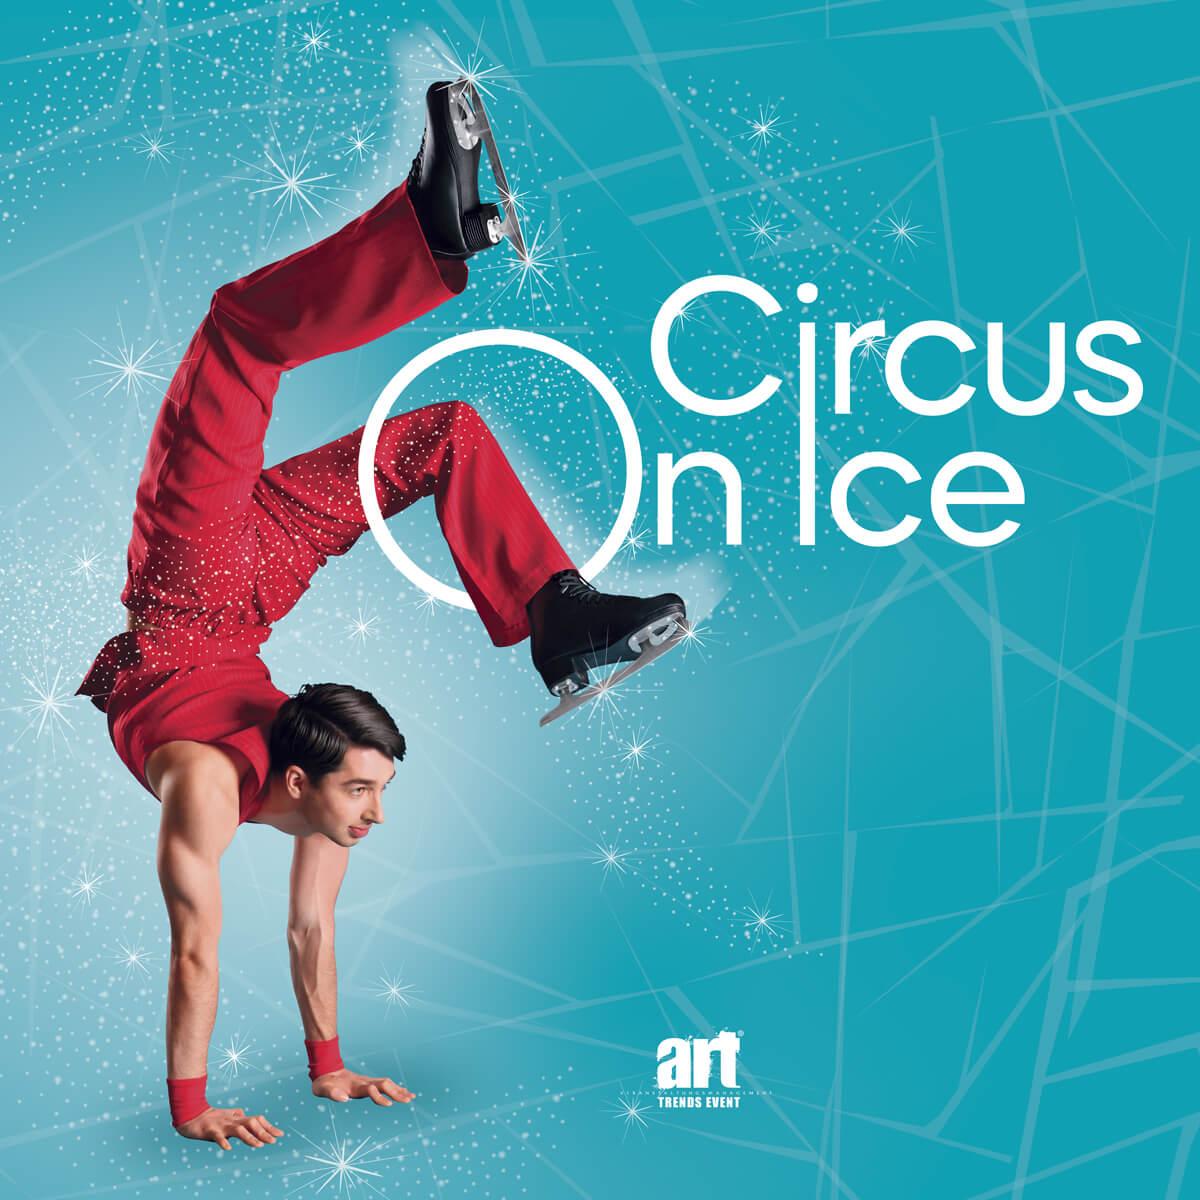 https://www.ccsaar.de/wp-content/uploads/2020/10/Circus-on-Ice-Pressefoto-quadratisch.jpg